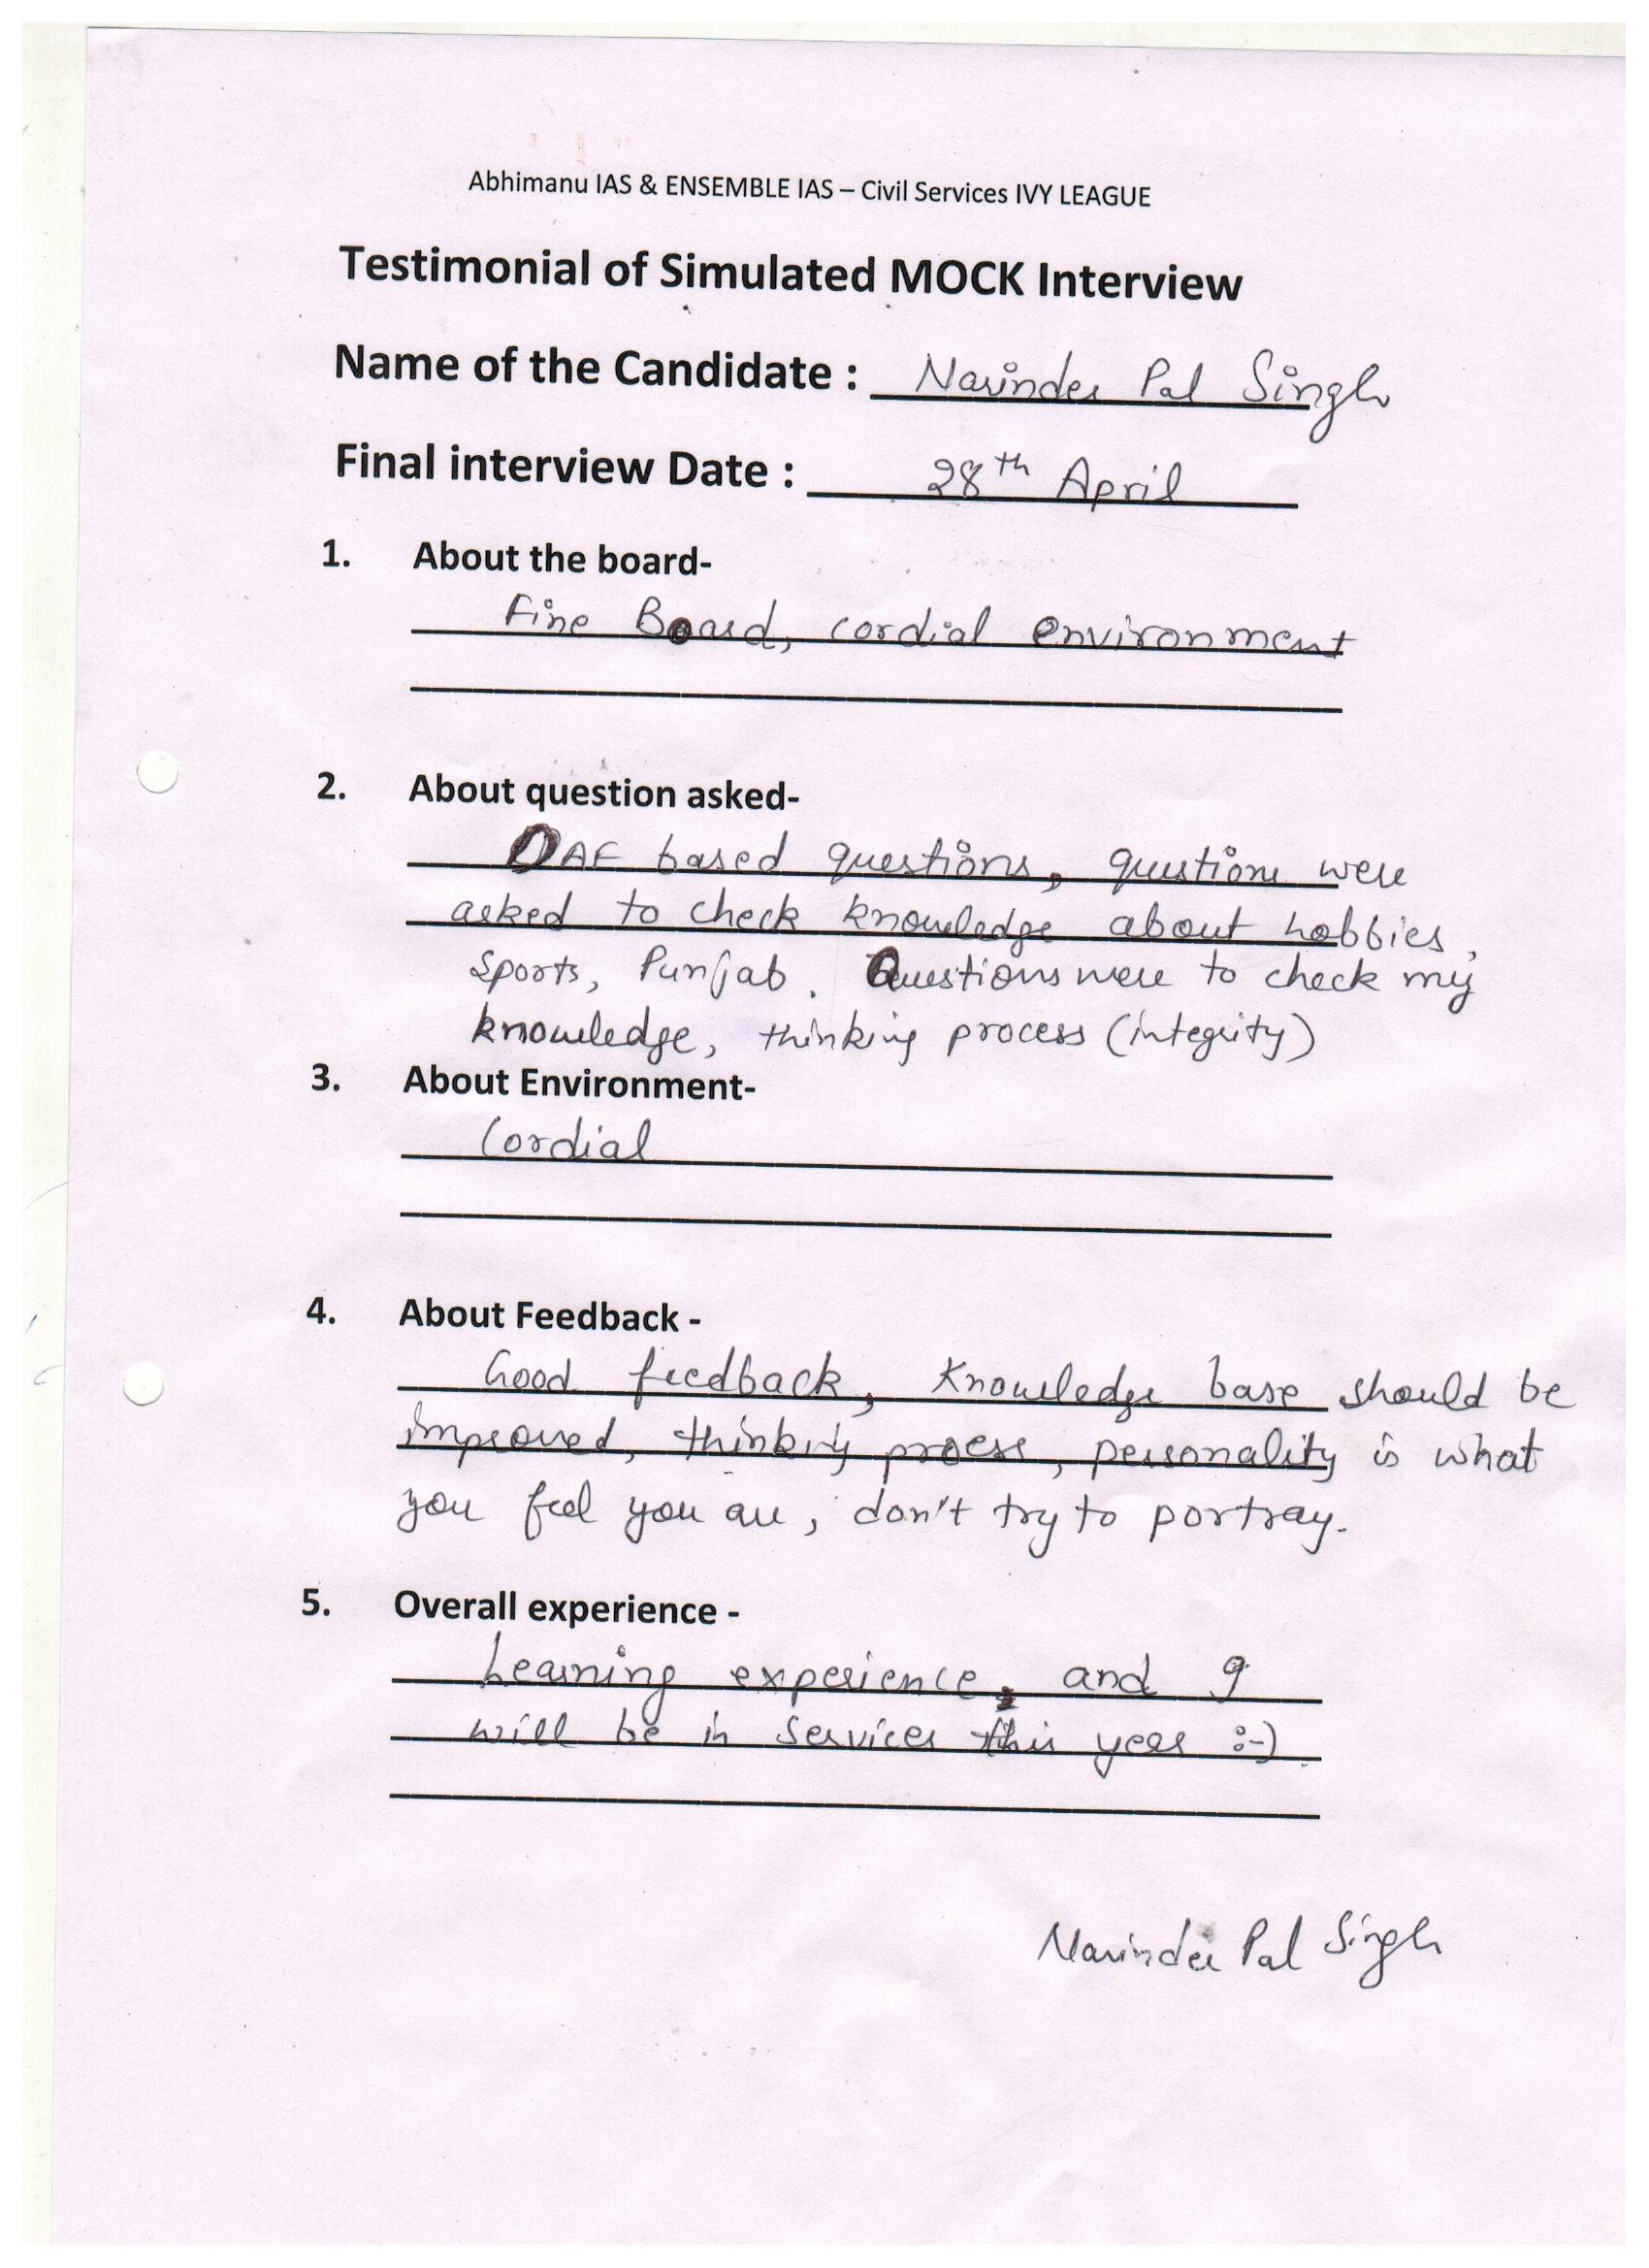 Interview Testimonial By- Narinder Pal Singh